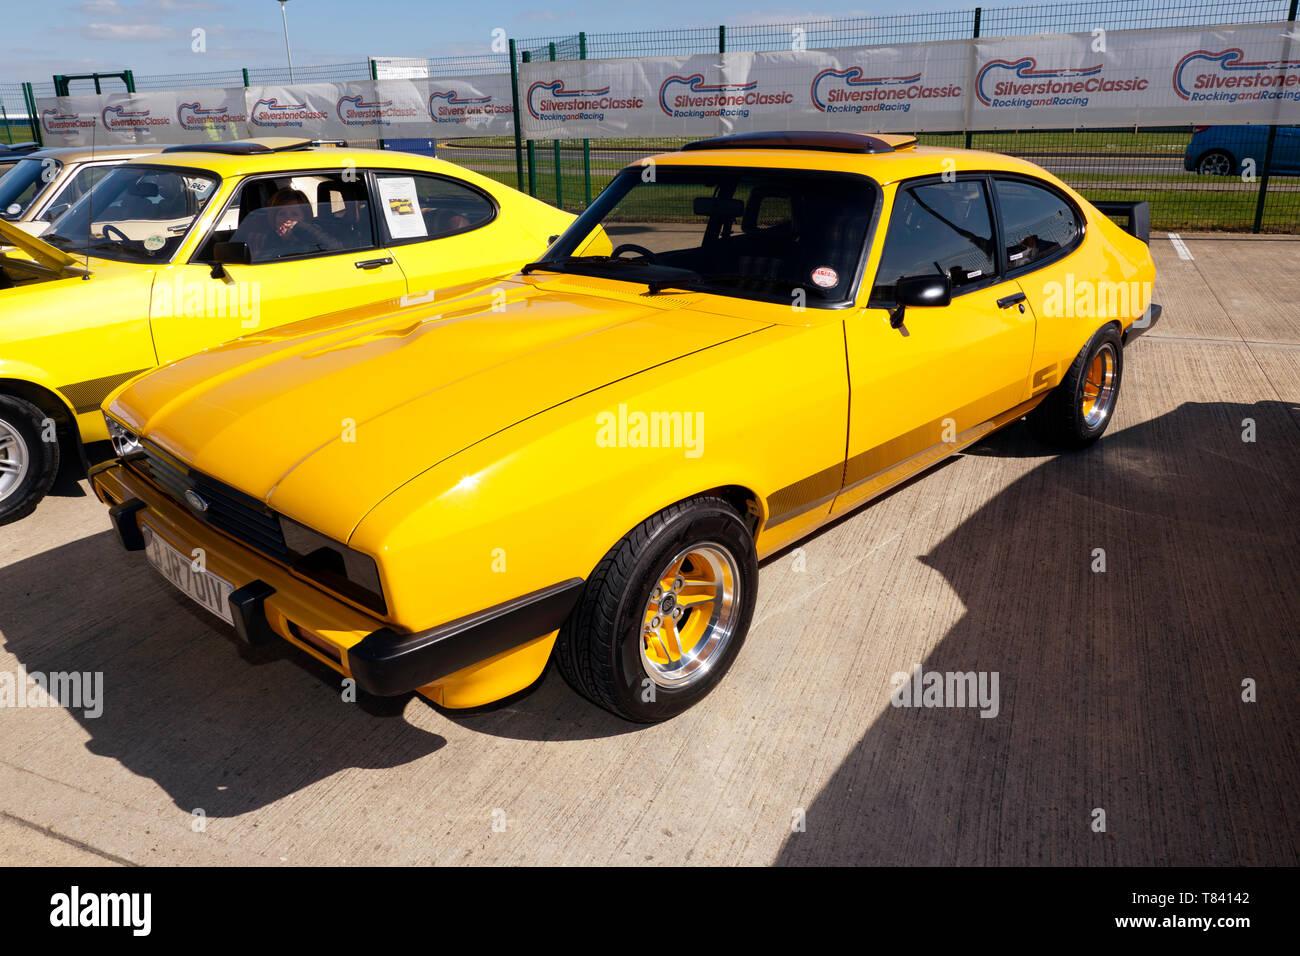 Drei Viertel der Vorderansicht eine Gelbe, Ford Capri S, Teil von der 50-Jahr-Feier im Jahr 2019 Silverstone Classic Media Day Stockbild